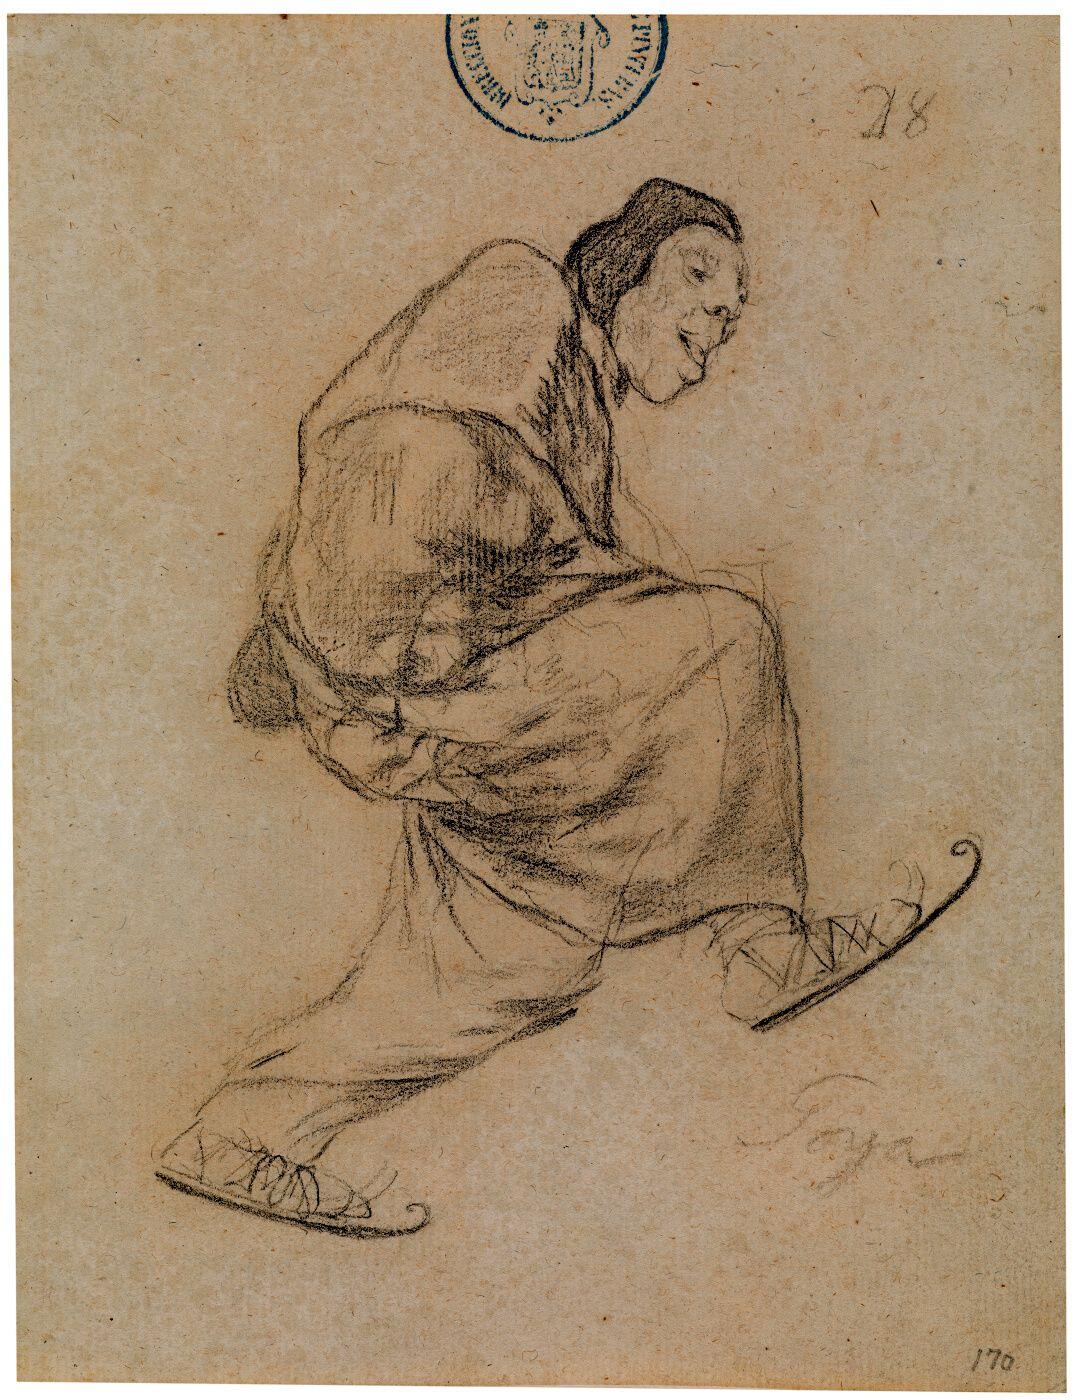 El lego de los patines Cuaderno de Burdeos II o cuaderno H, 28